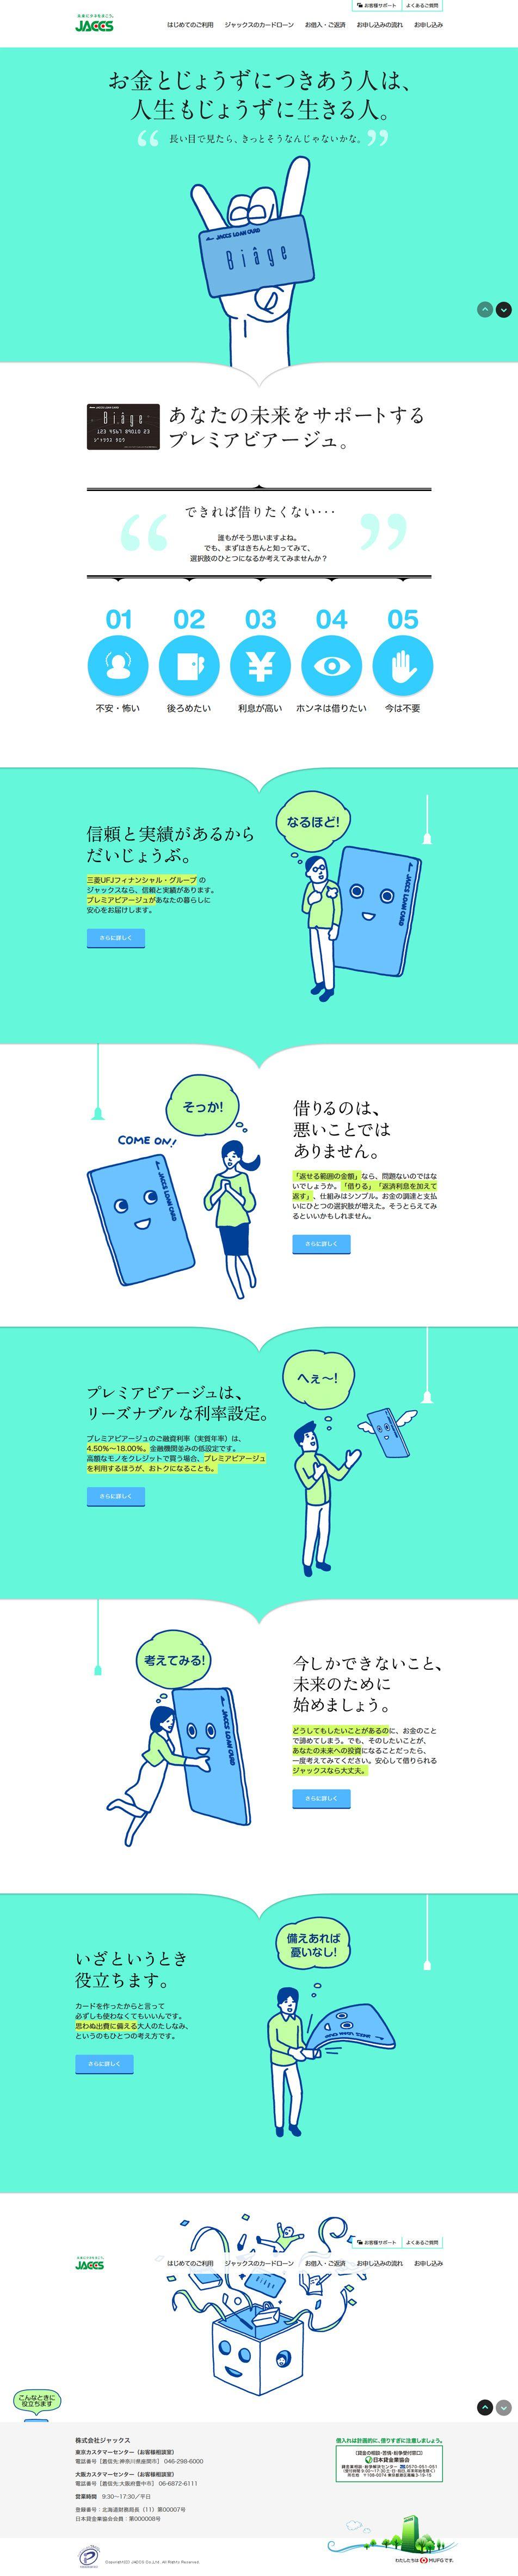 プレミアビアージュ【サービス関連】のLPデザイン。WEBデザイナーさん必見!ランディングページのデザイン参考に(シンプル系)